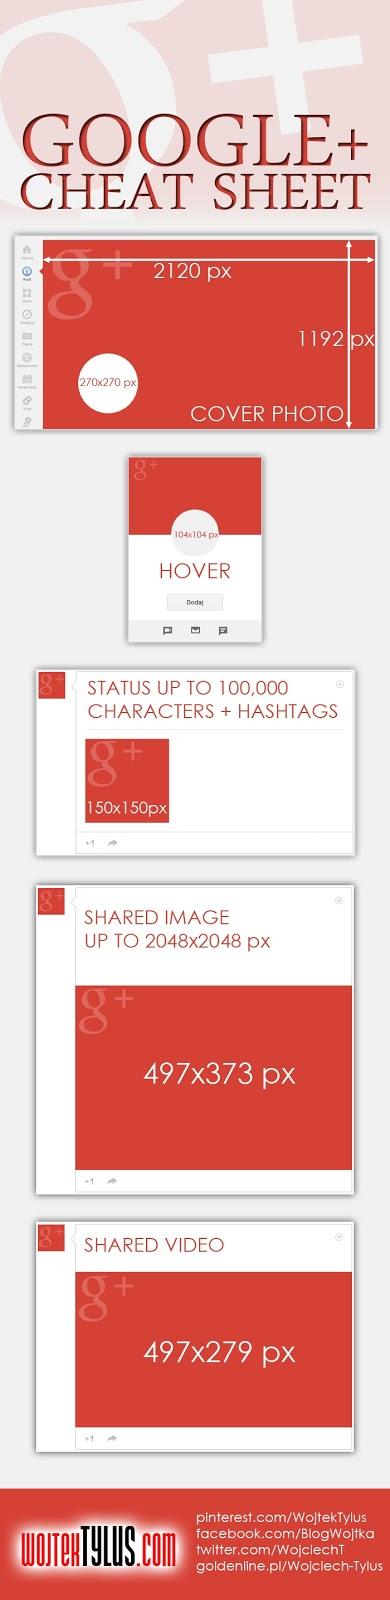 Imágenes para Google+